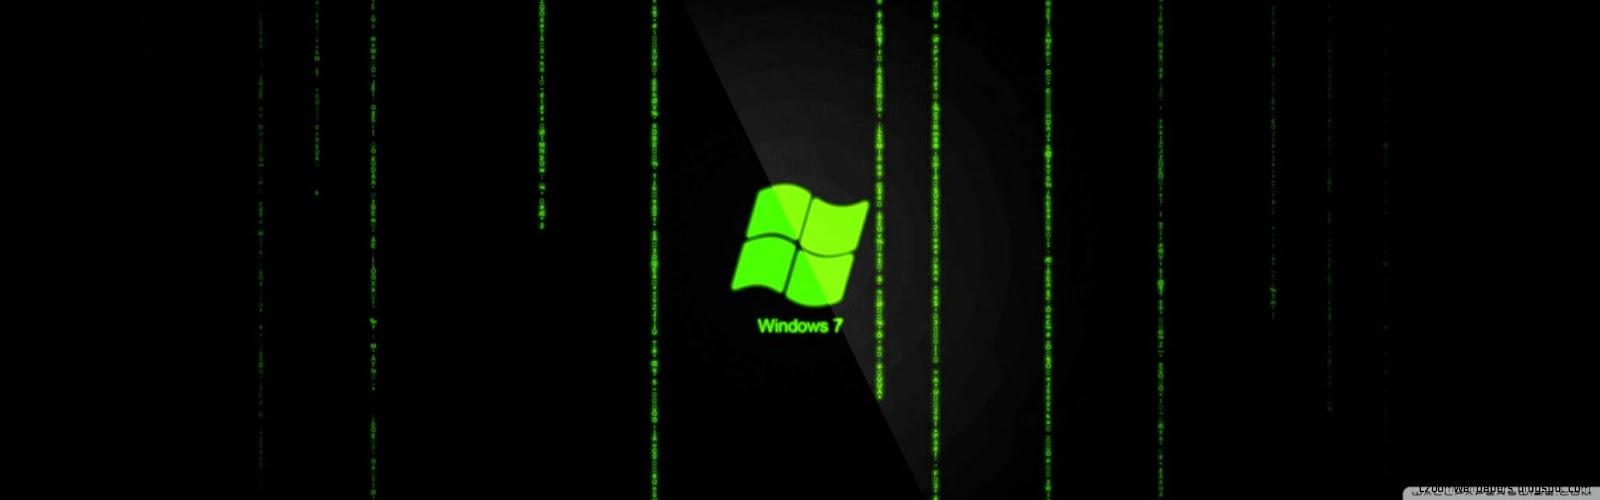 Desktop Background 2 Monitors Windows 7  Zoom Wallpapers